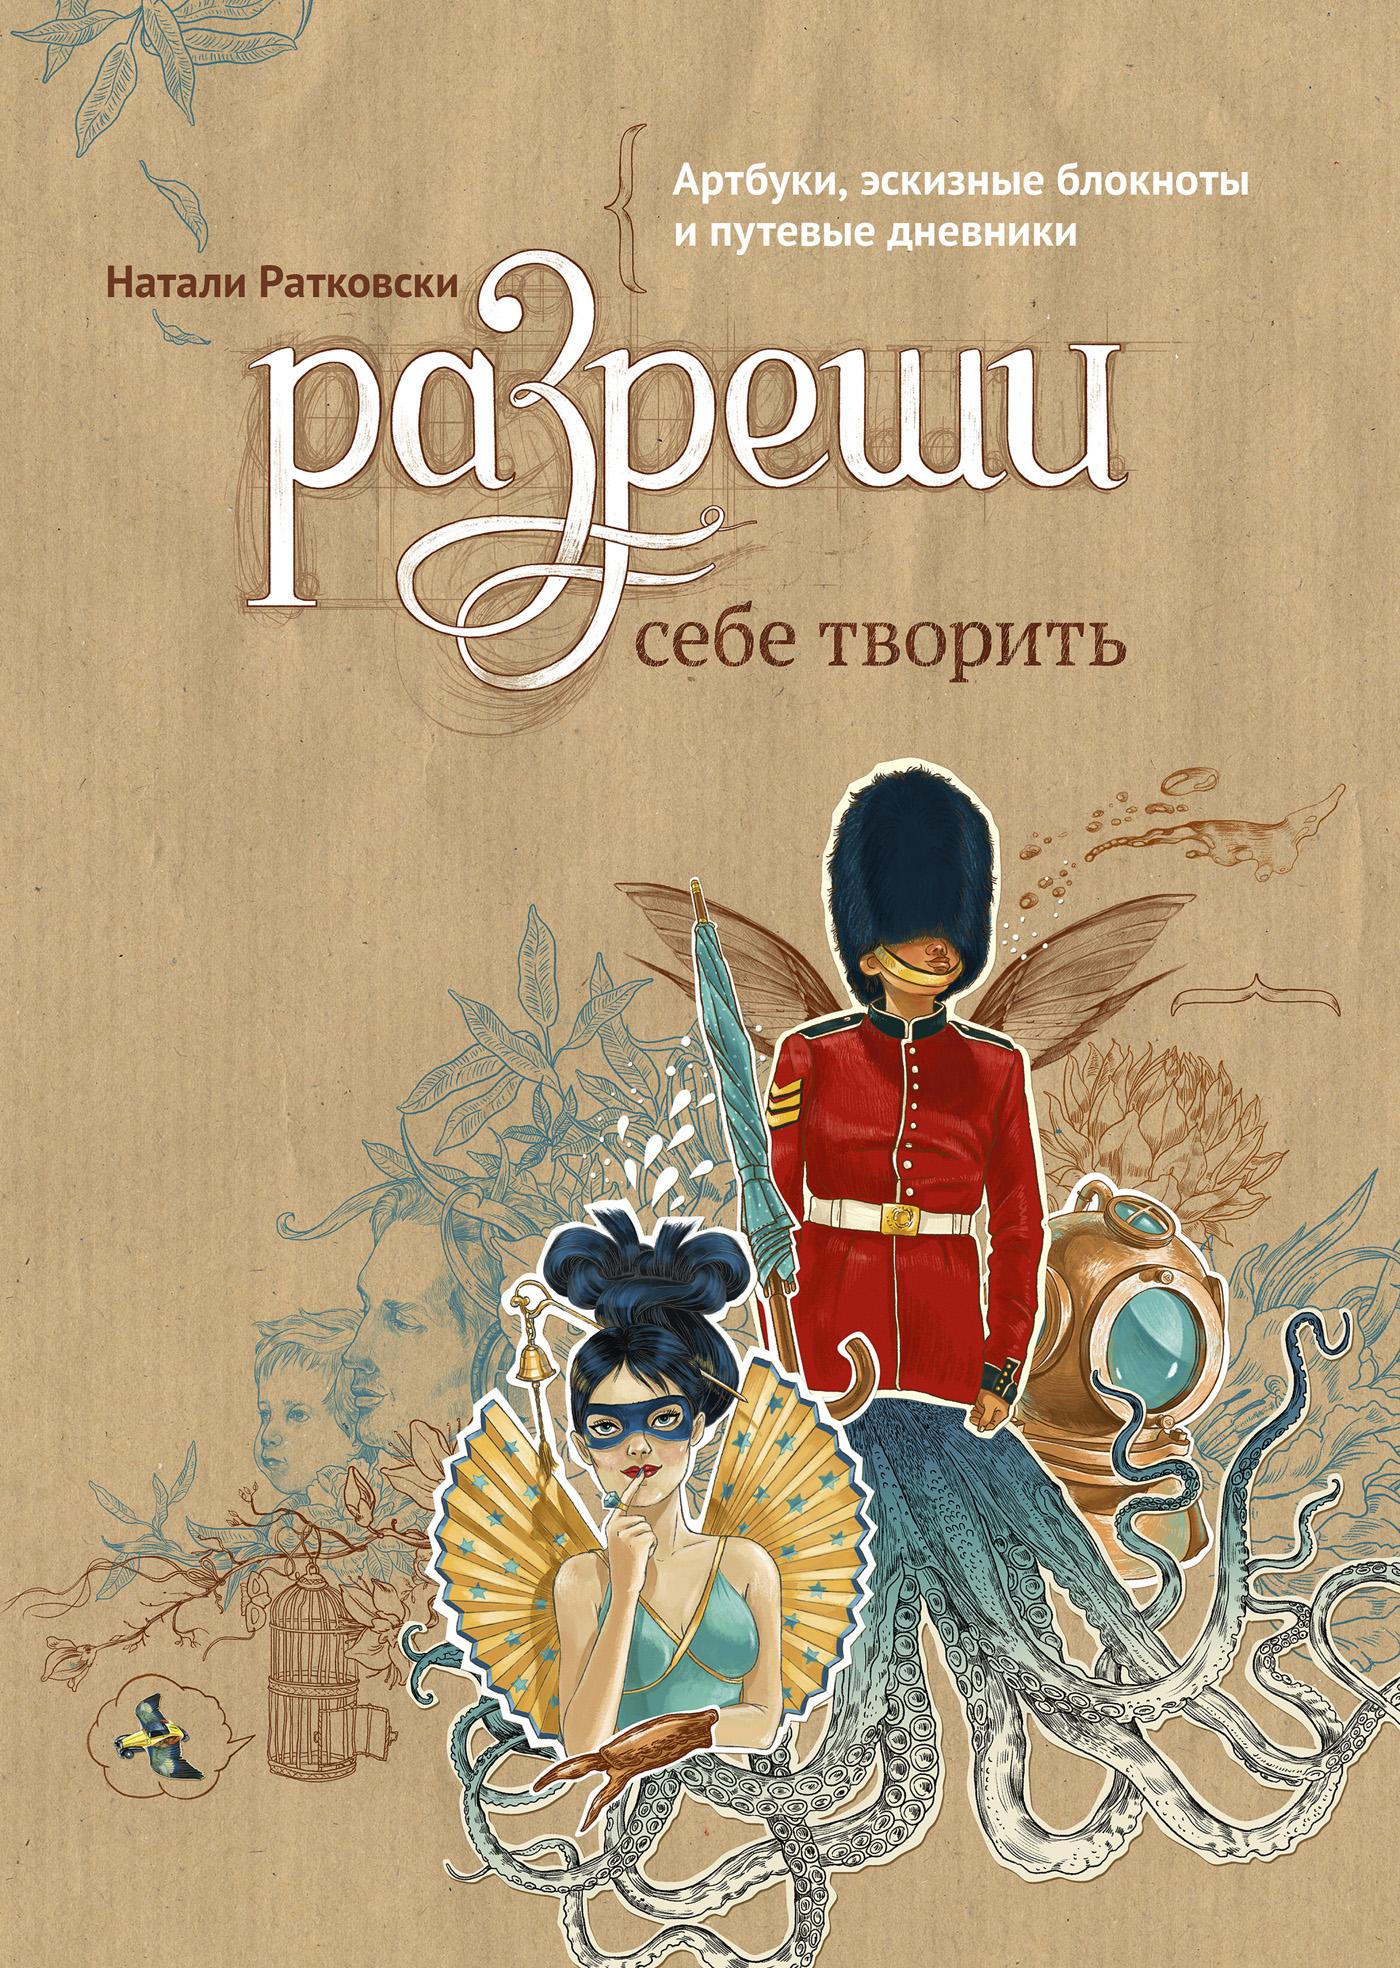 Купить книгу Разреши себе творить, автора Натали Ратковски